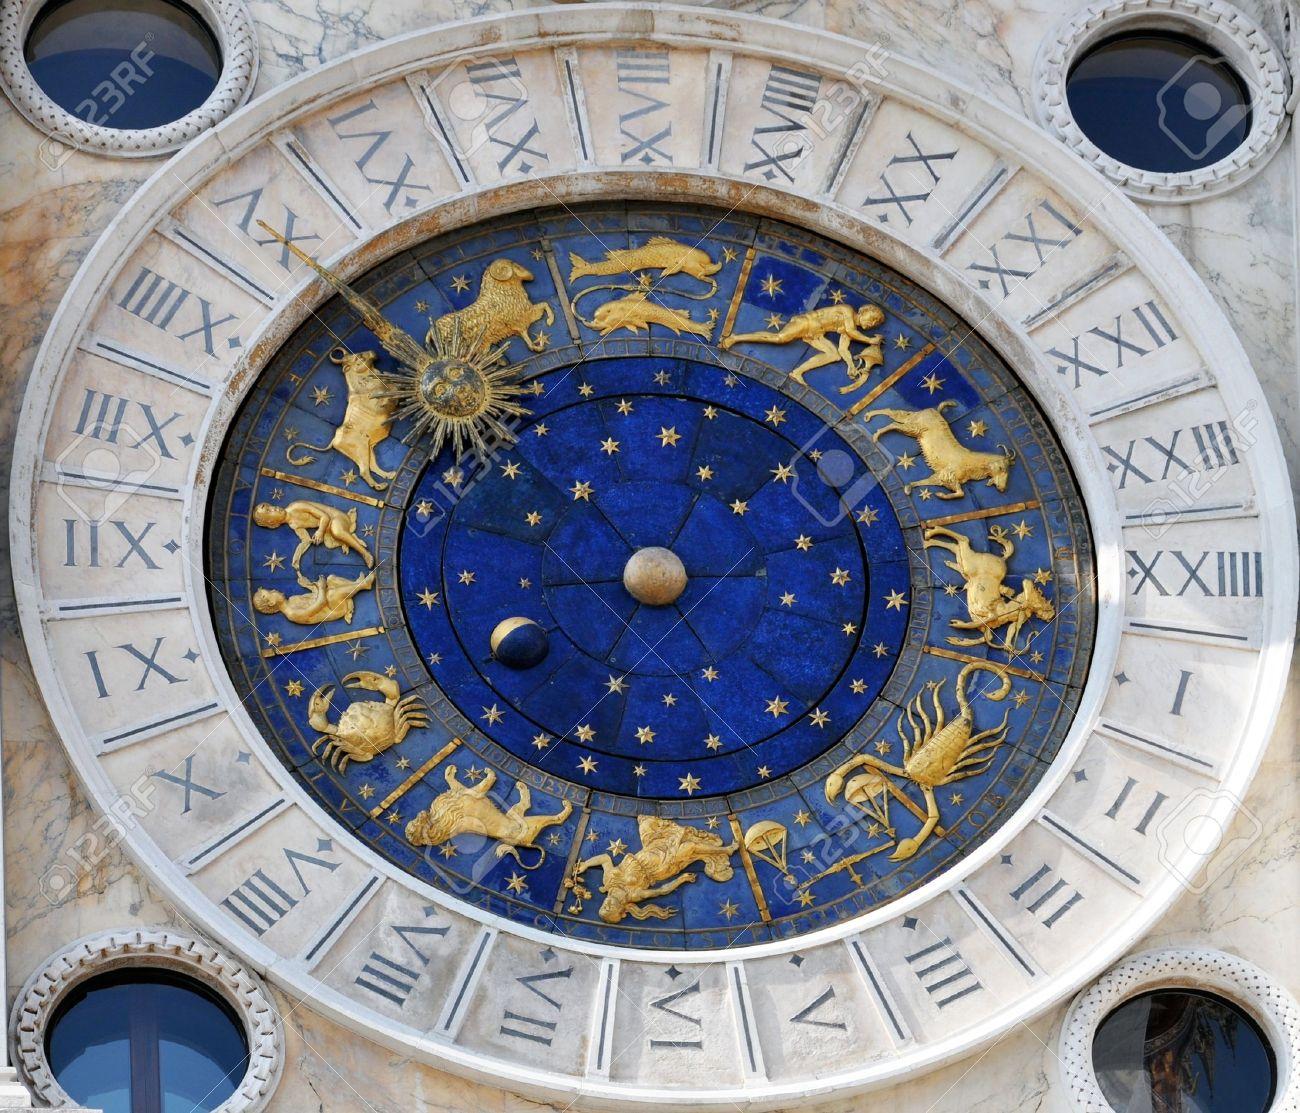 orologio con segni zodiacali